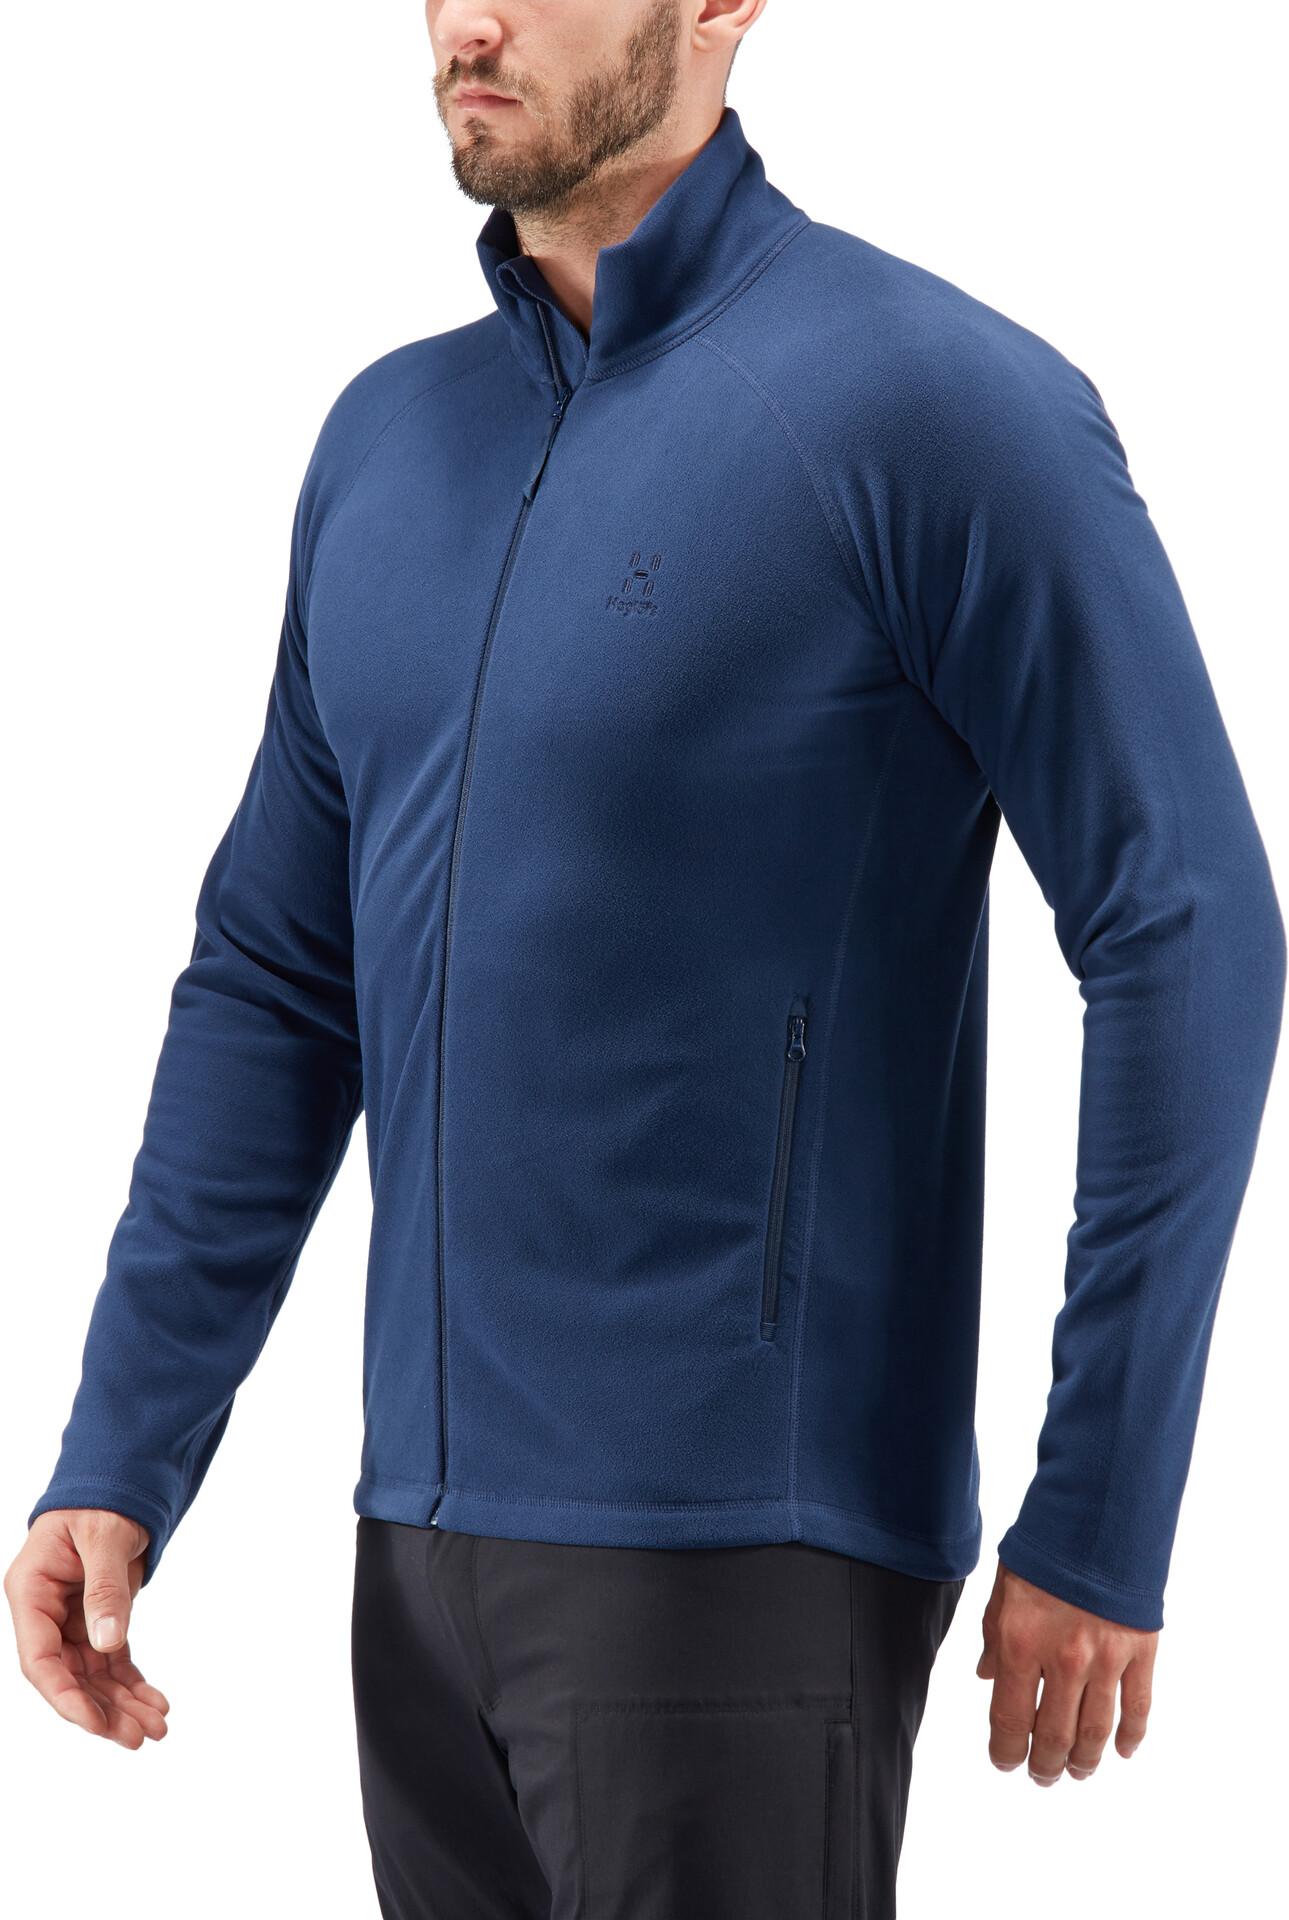 Haglöfs Astro II Jacket Men tarn blue leichte Fleecejacke für Herren